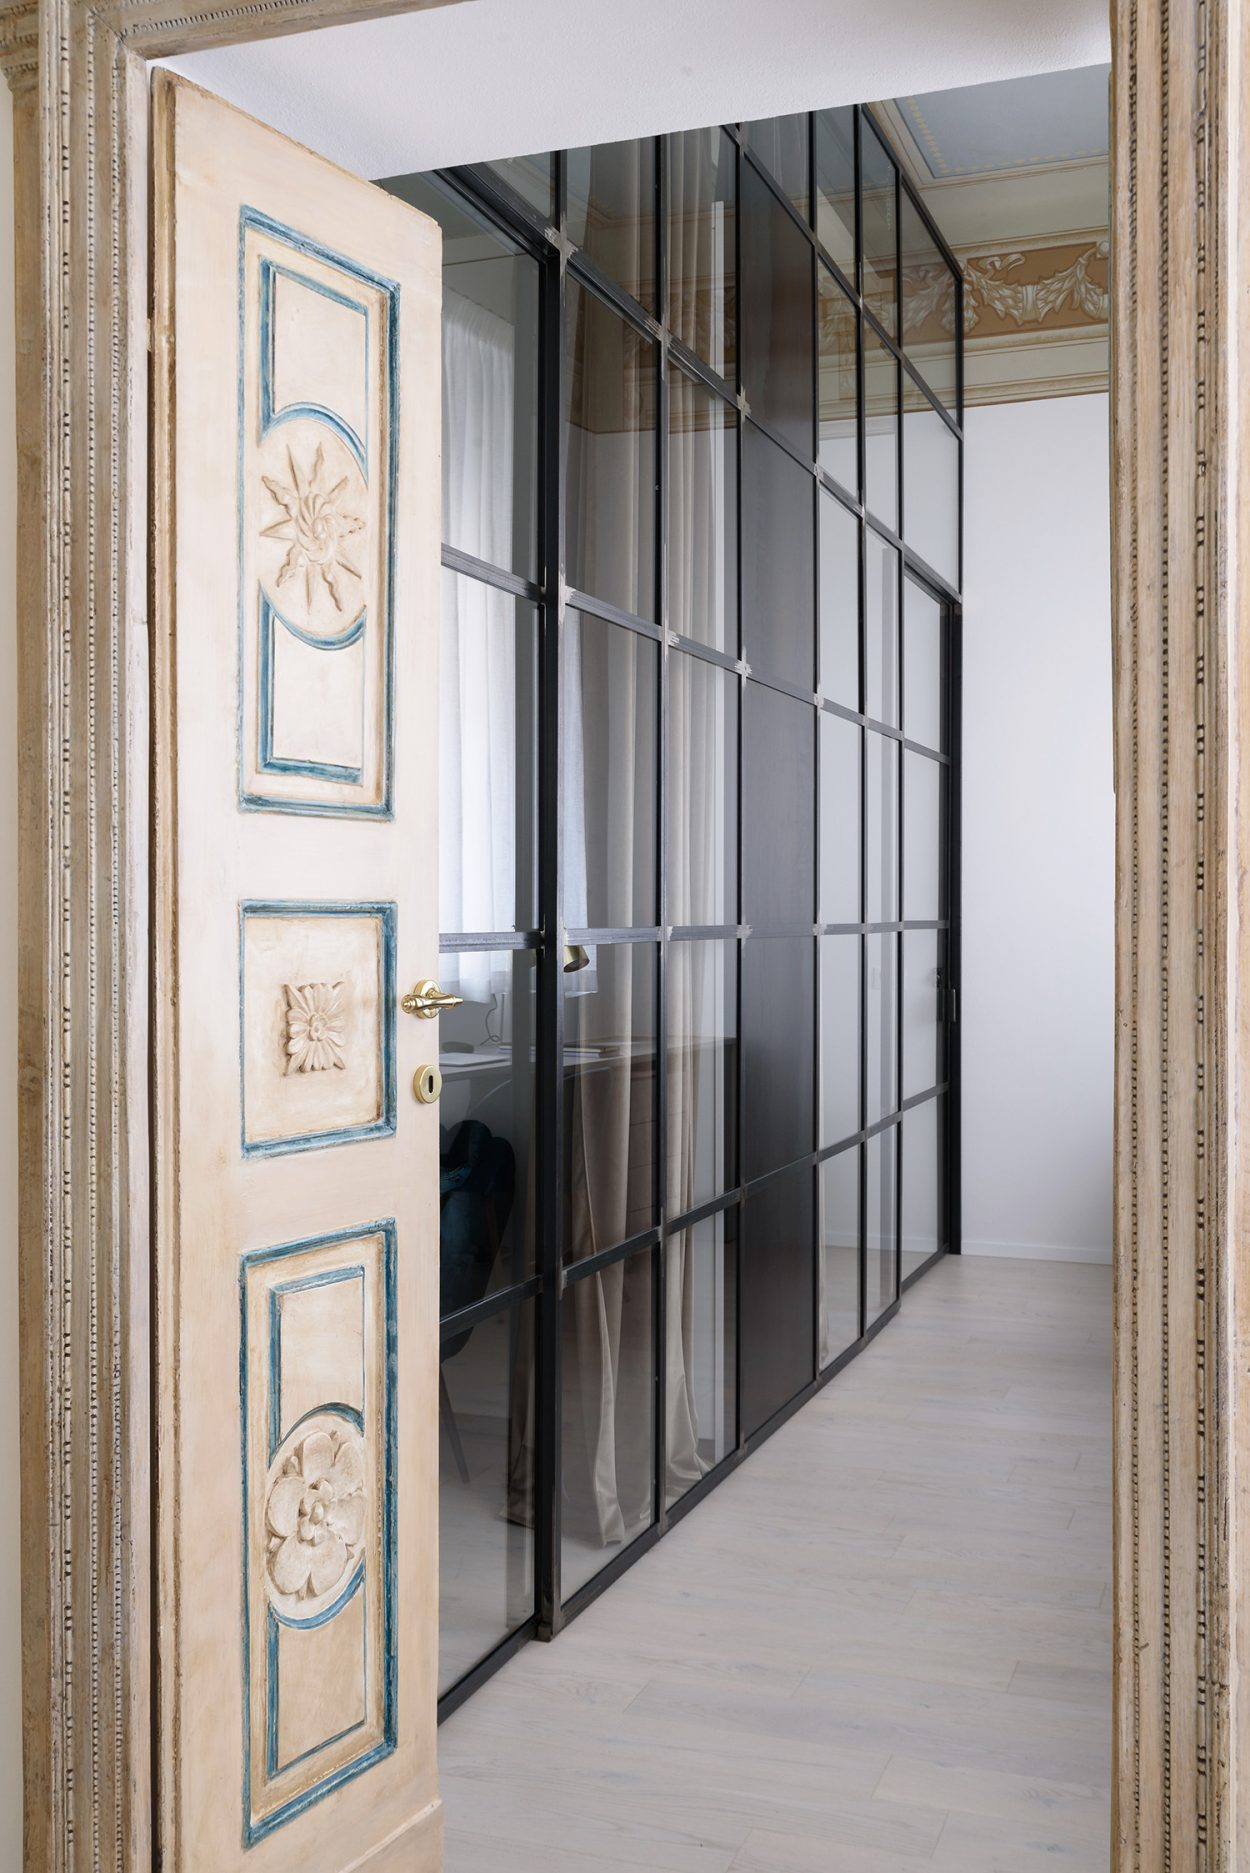 20-Ristrutturazione-Appartamento-Cesena-luxury-1250x1873.jpg